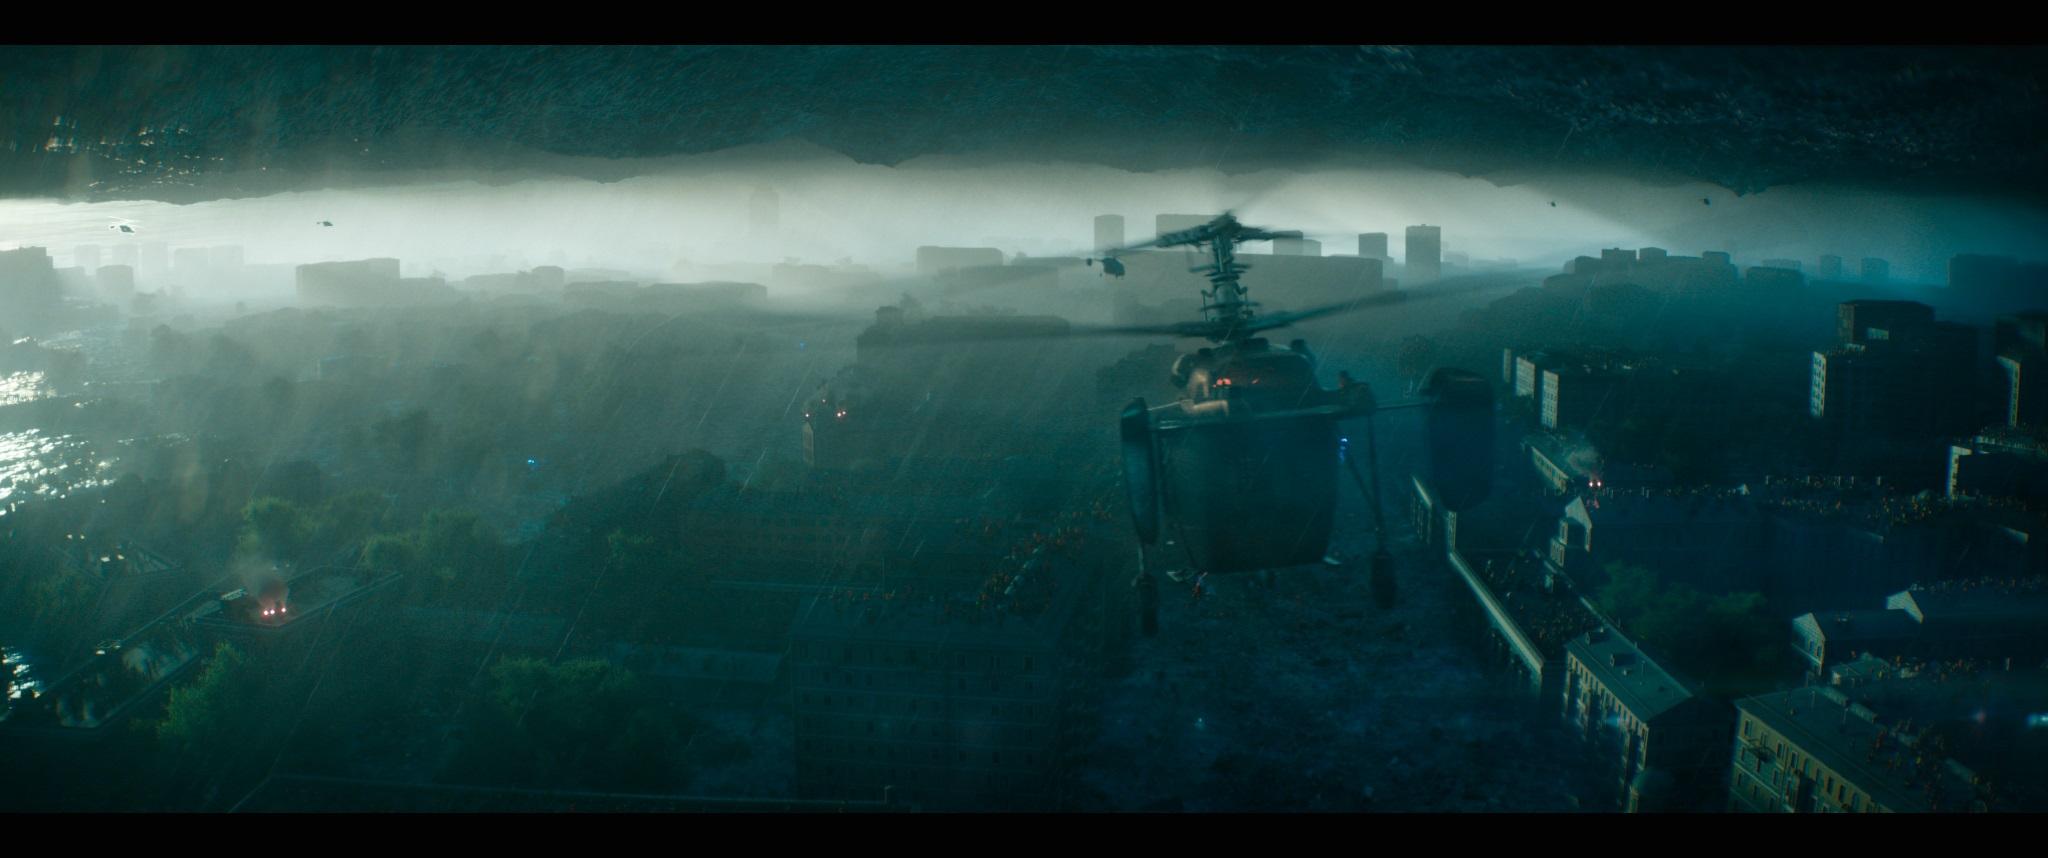 《雙子殺手》特效團隊震撼打造王道科幻災難鉅獻《末日異戰》